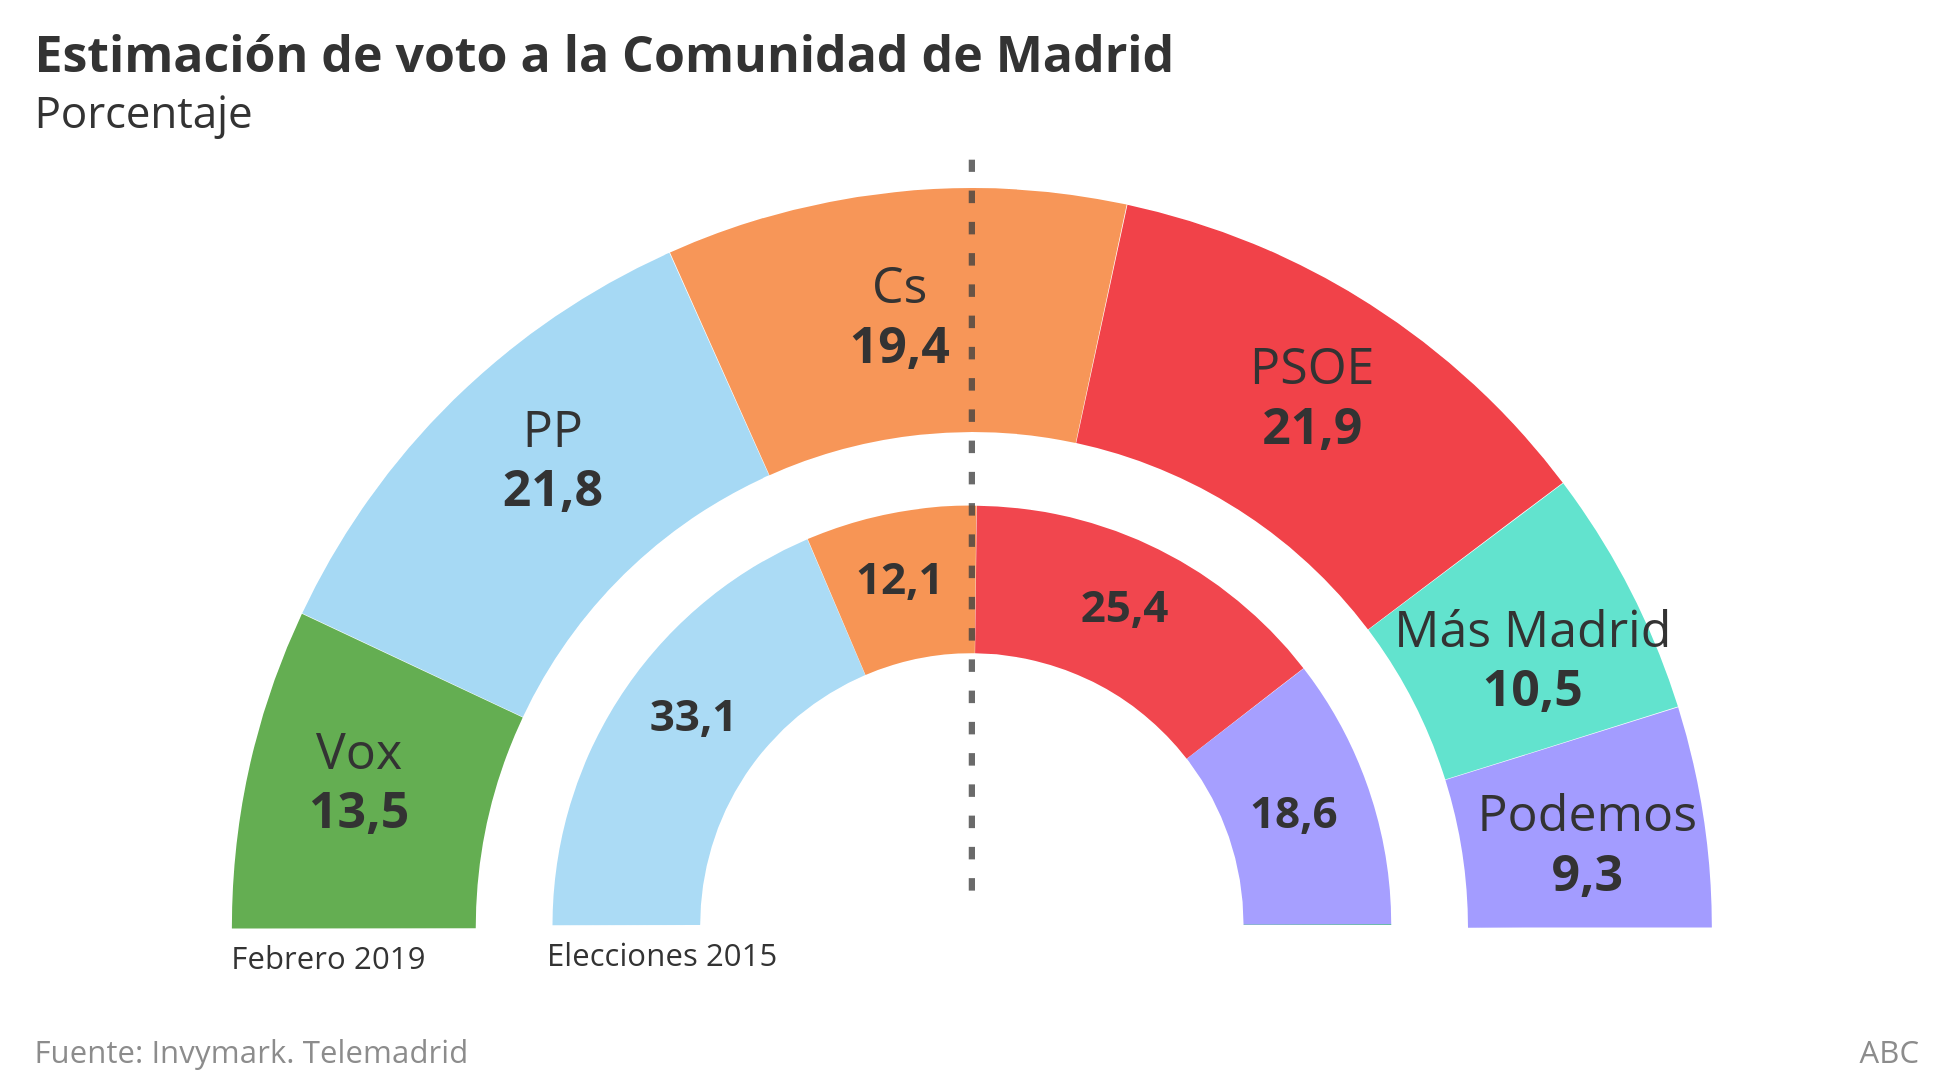 Errejón le gana el pulso a Iglesias y Más Madrid entraría en la Asamblea con el 10,5 % de los votos, según una encuesta de Telemadrid